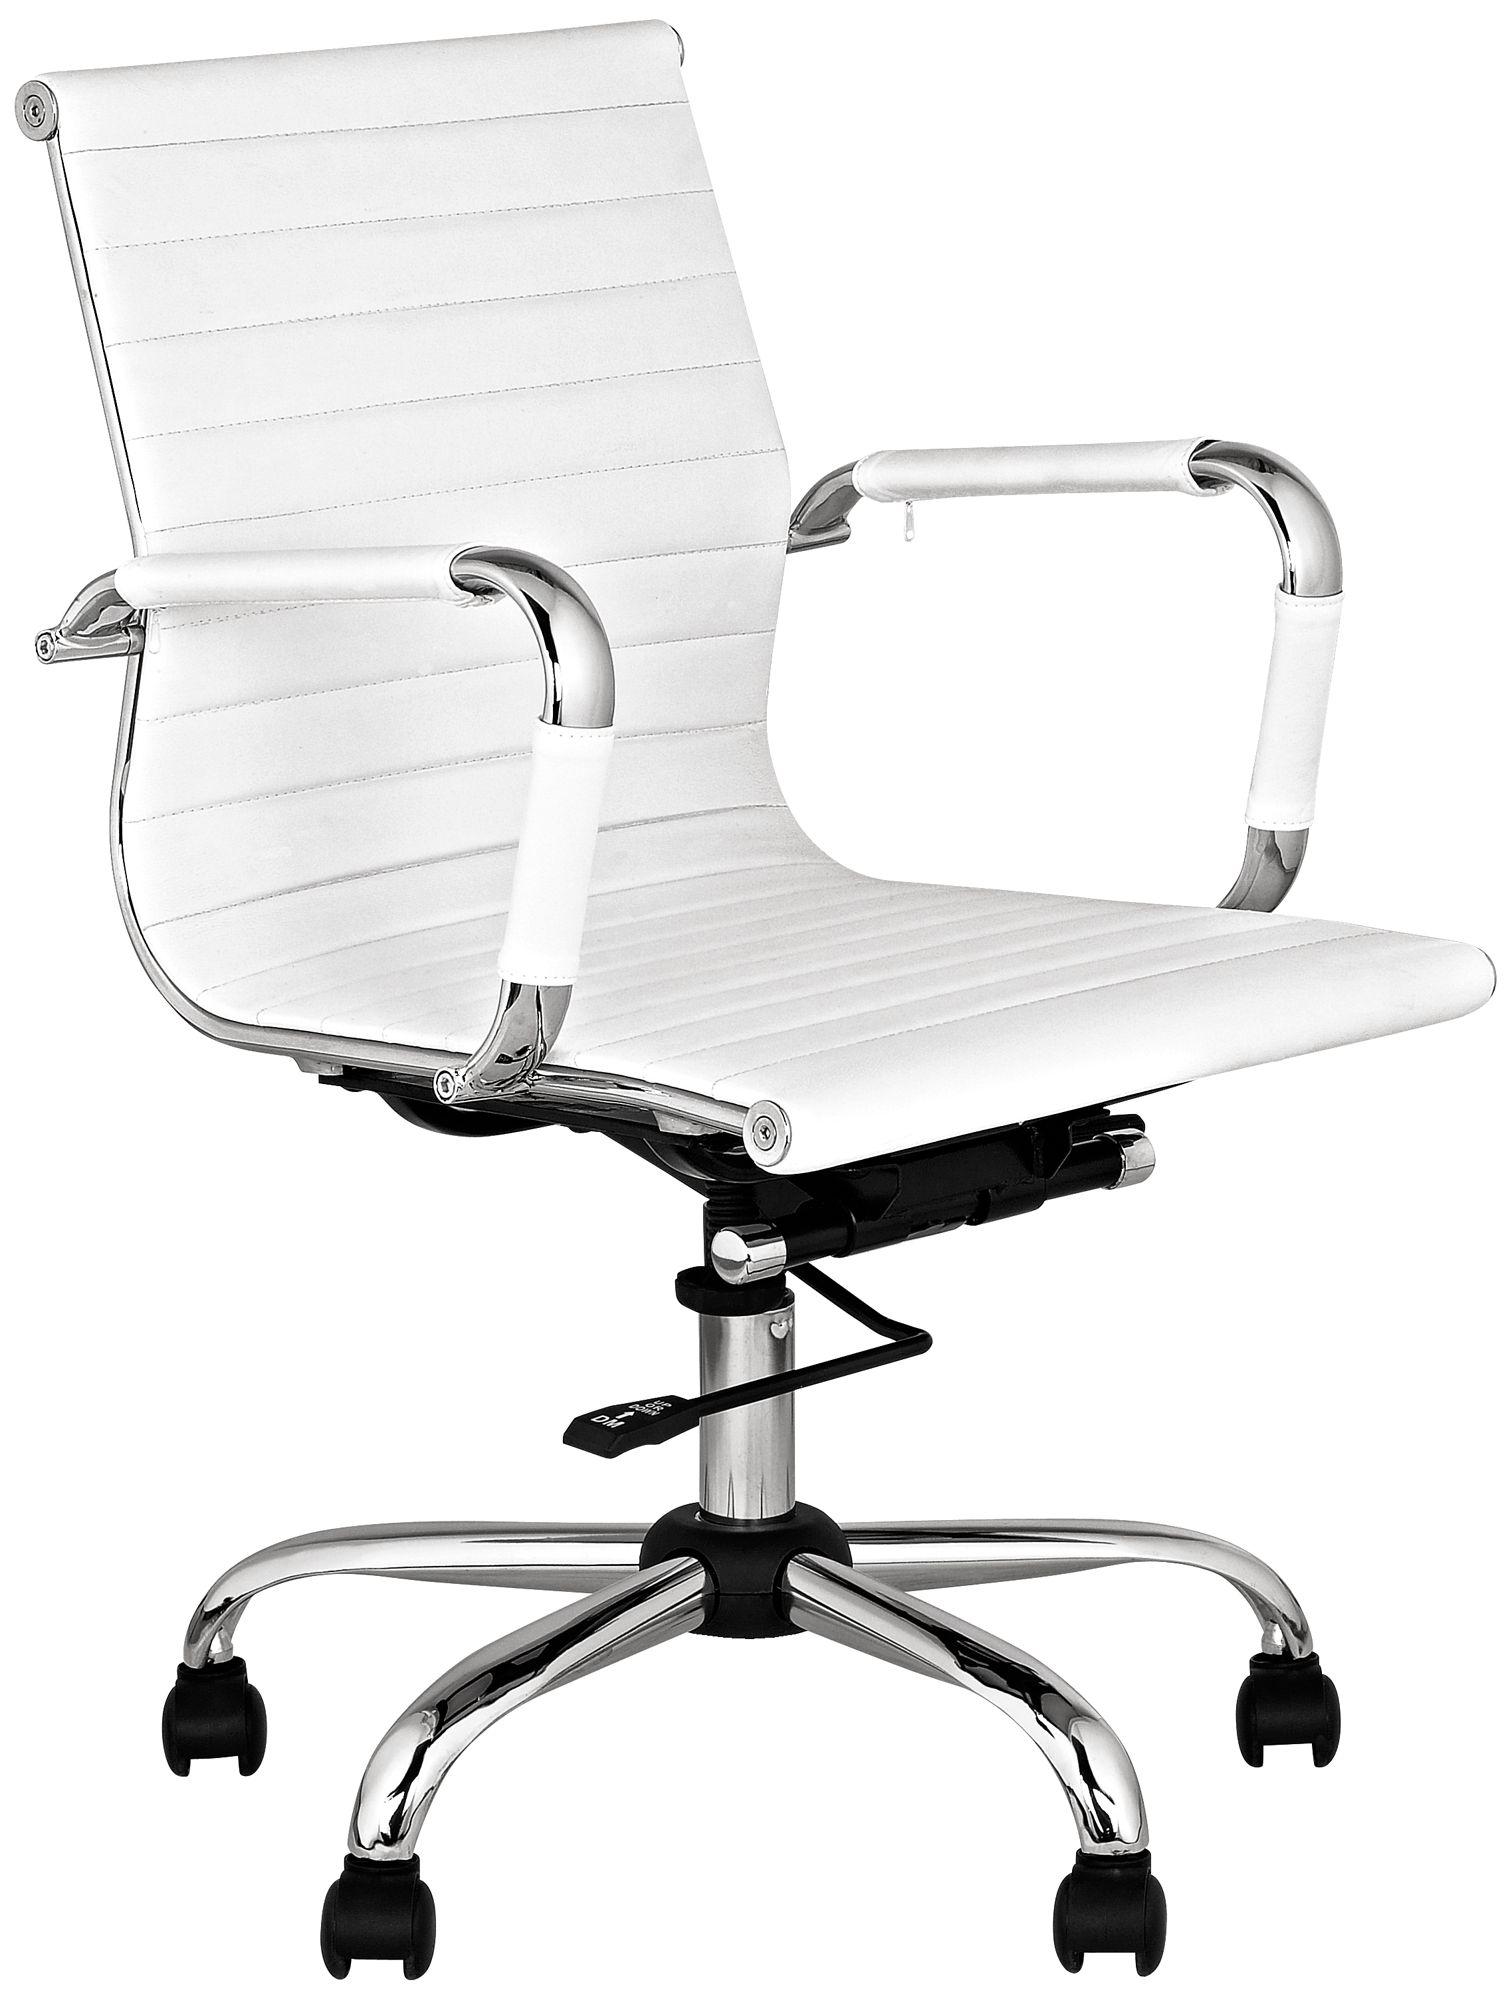 Swivel Desk Chair Vintage Shaw Walker Propeller Swivel fice